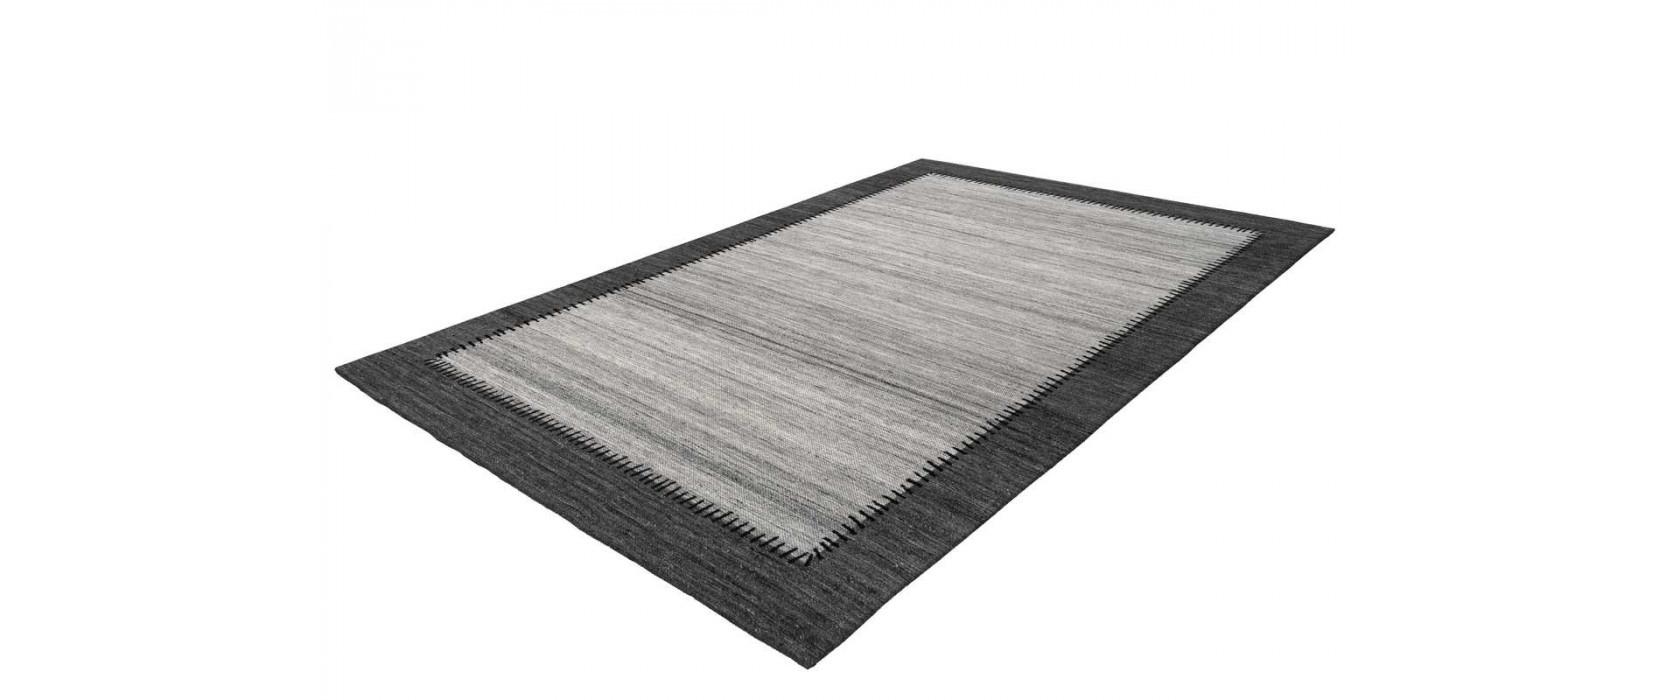 Ковер Phoenix 310 Grey/Antracite 160х230 см